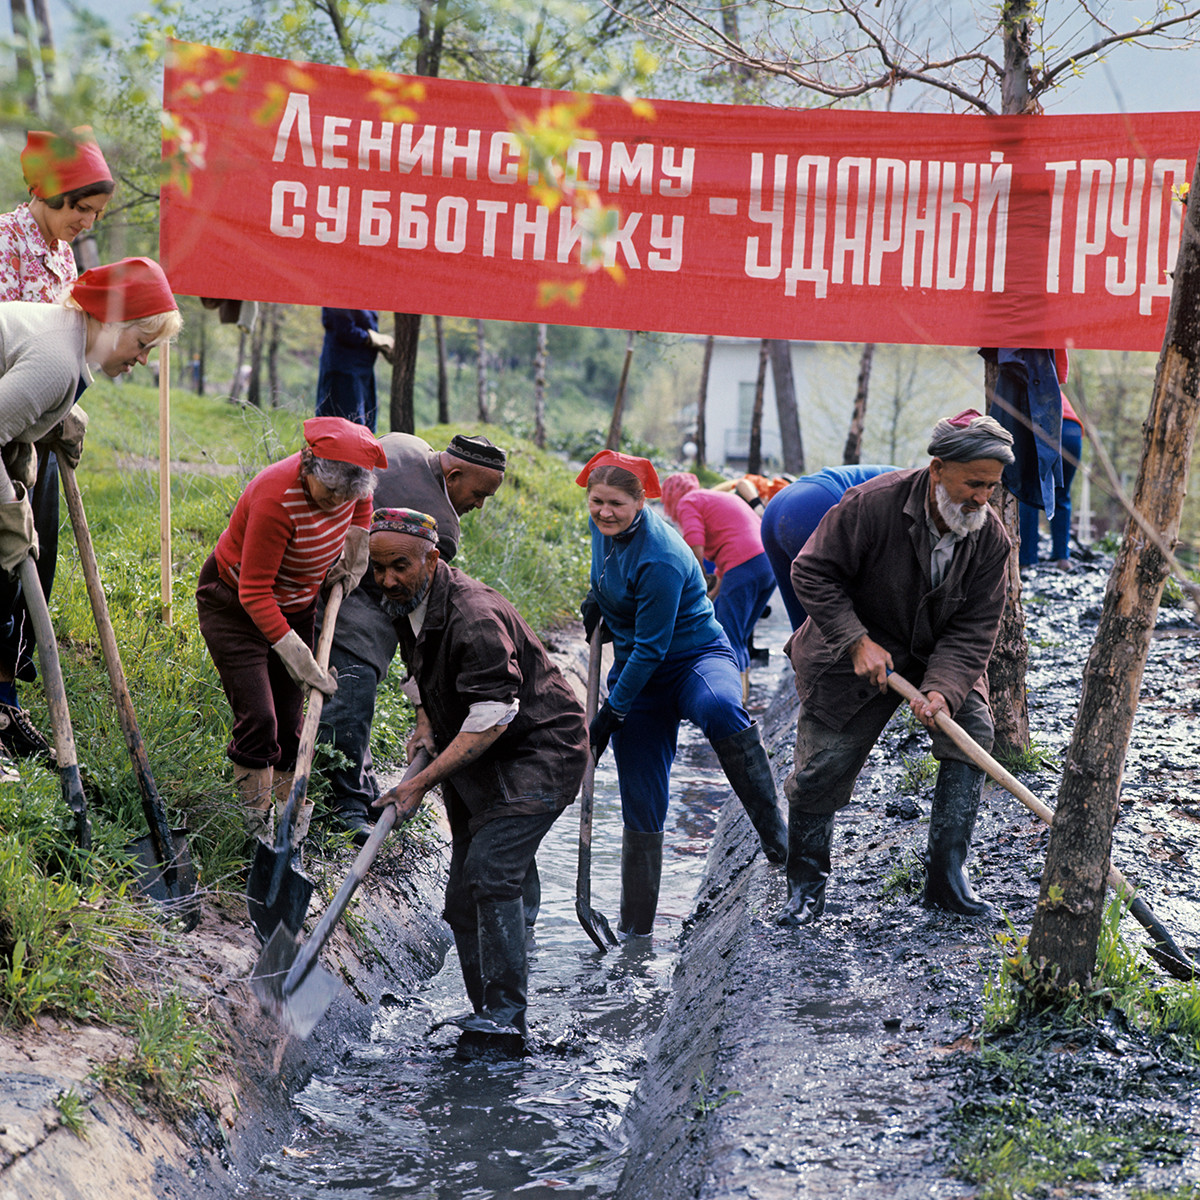 レーニン共産党スボートニクに参加するタジキスタン共和国の人々、1978年